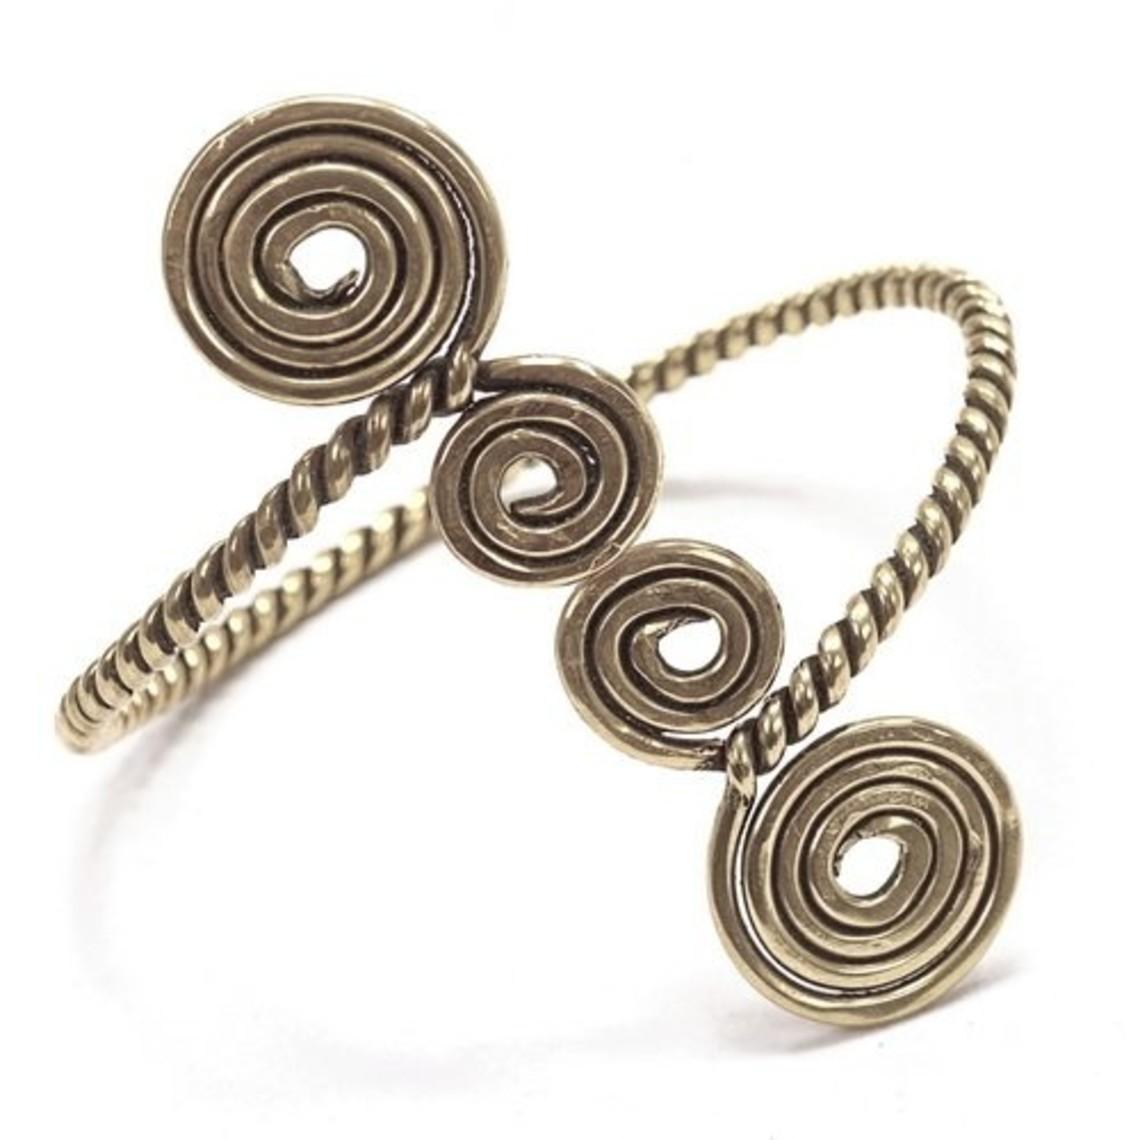 Keltische bovenarmband met spiralen, verzilverd